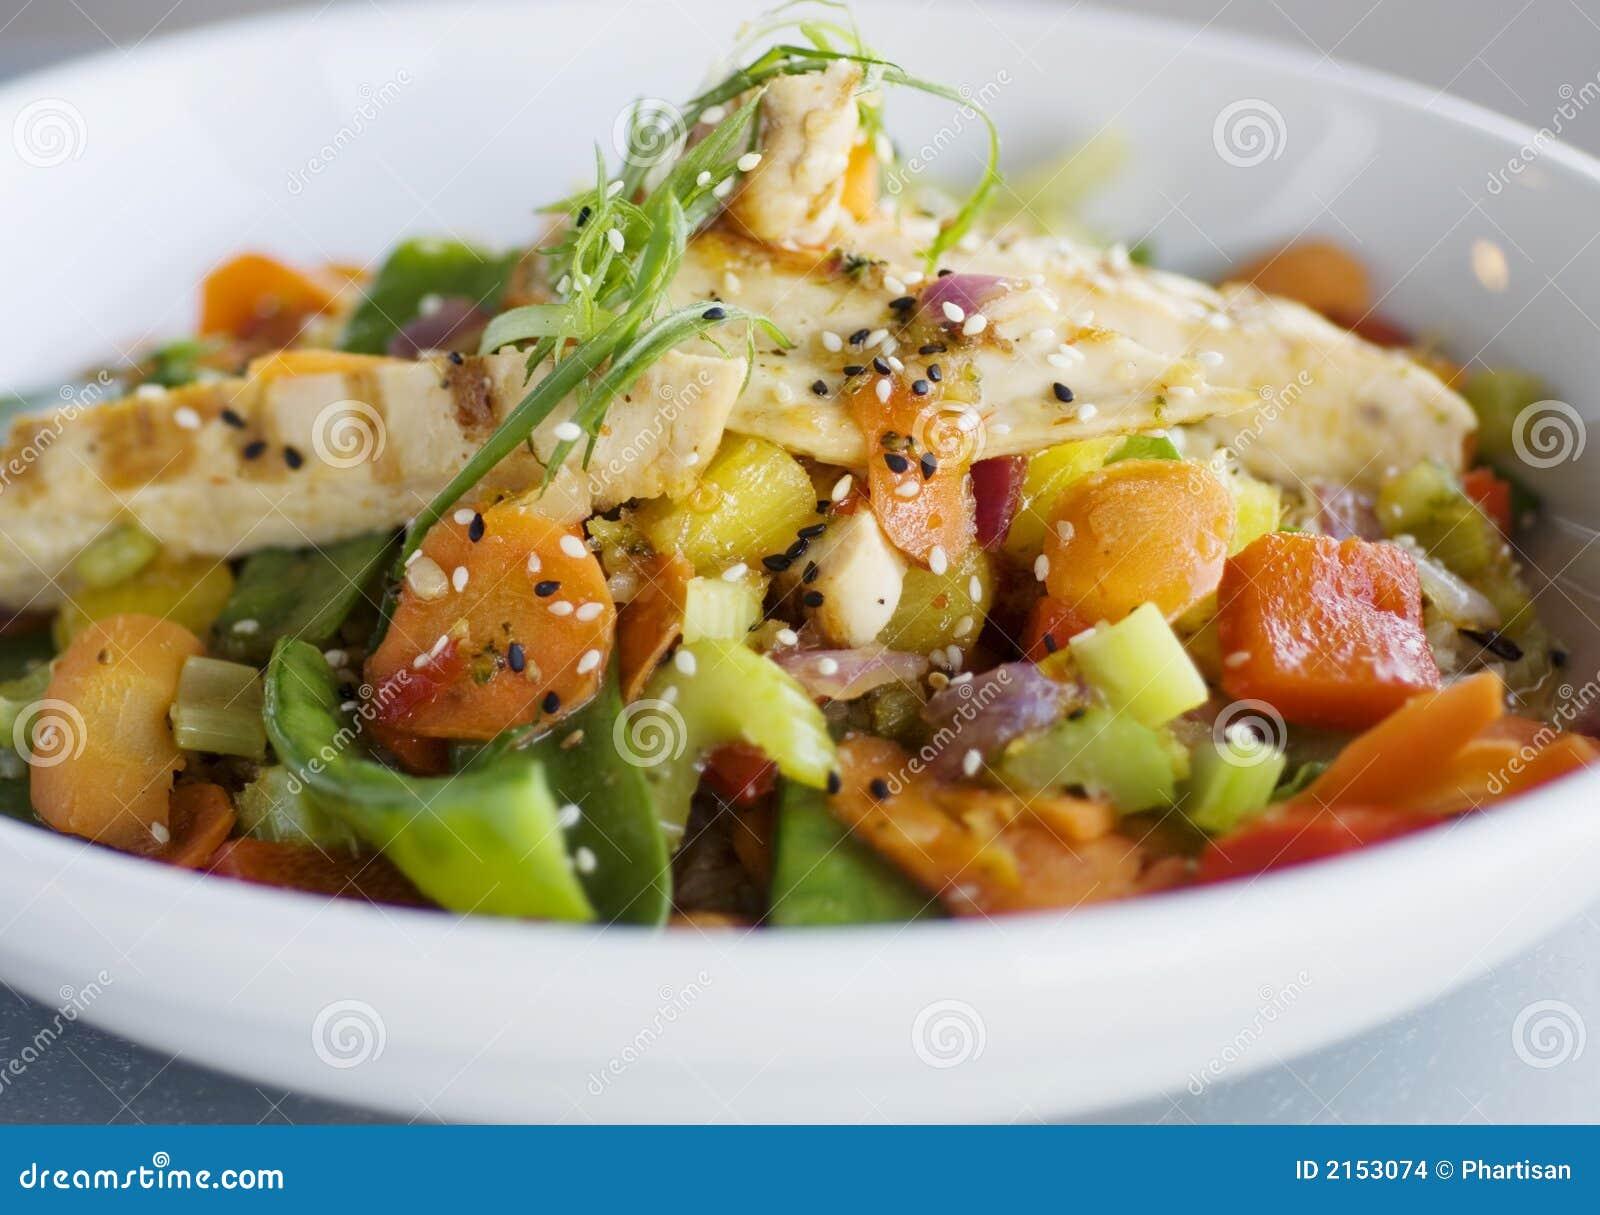 Pyszne Jedzenie Zdrowe Zdjecie Stock Obraz Zlozonej Z Proszek 2153074